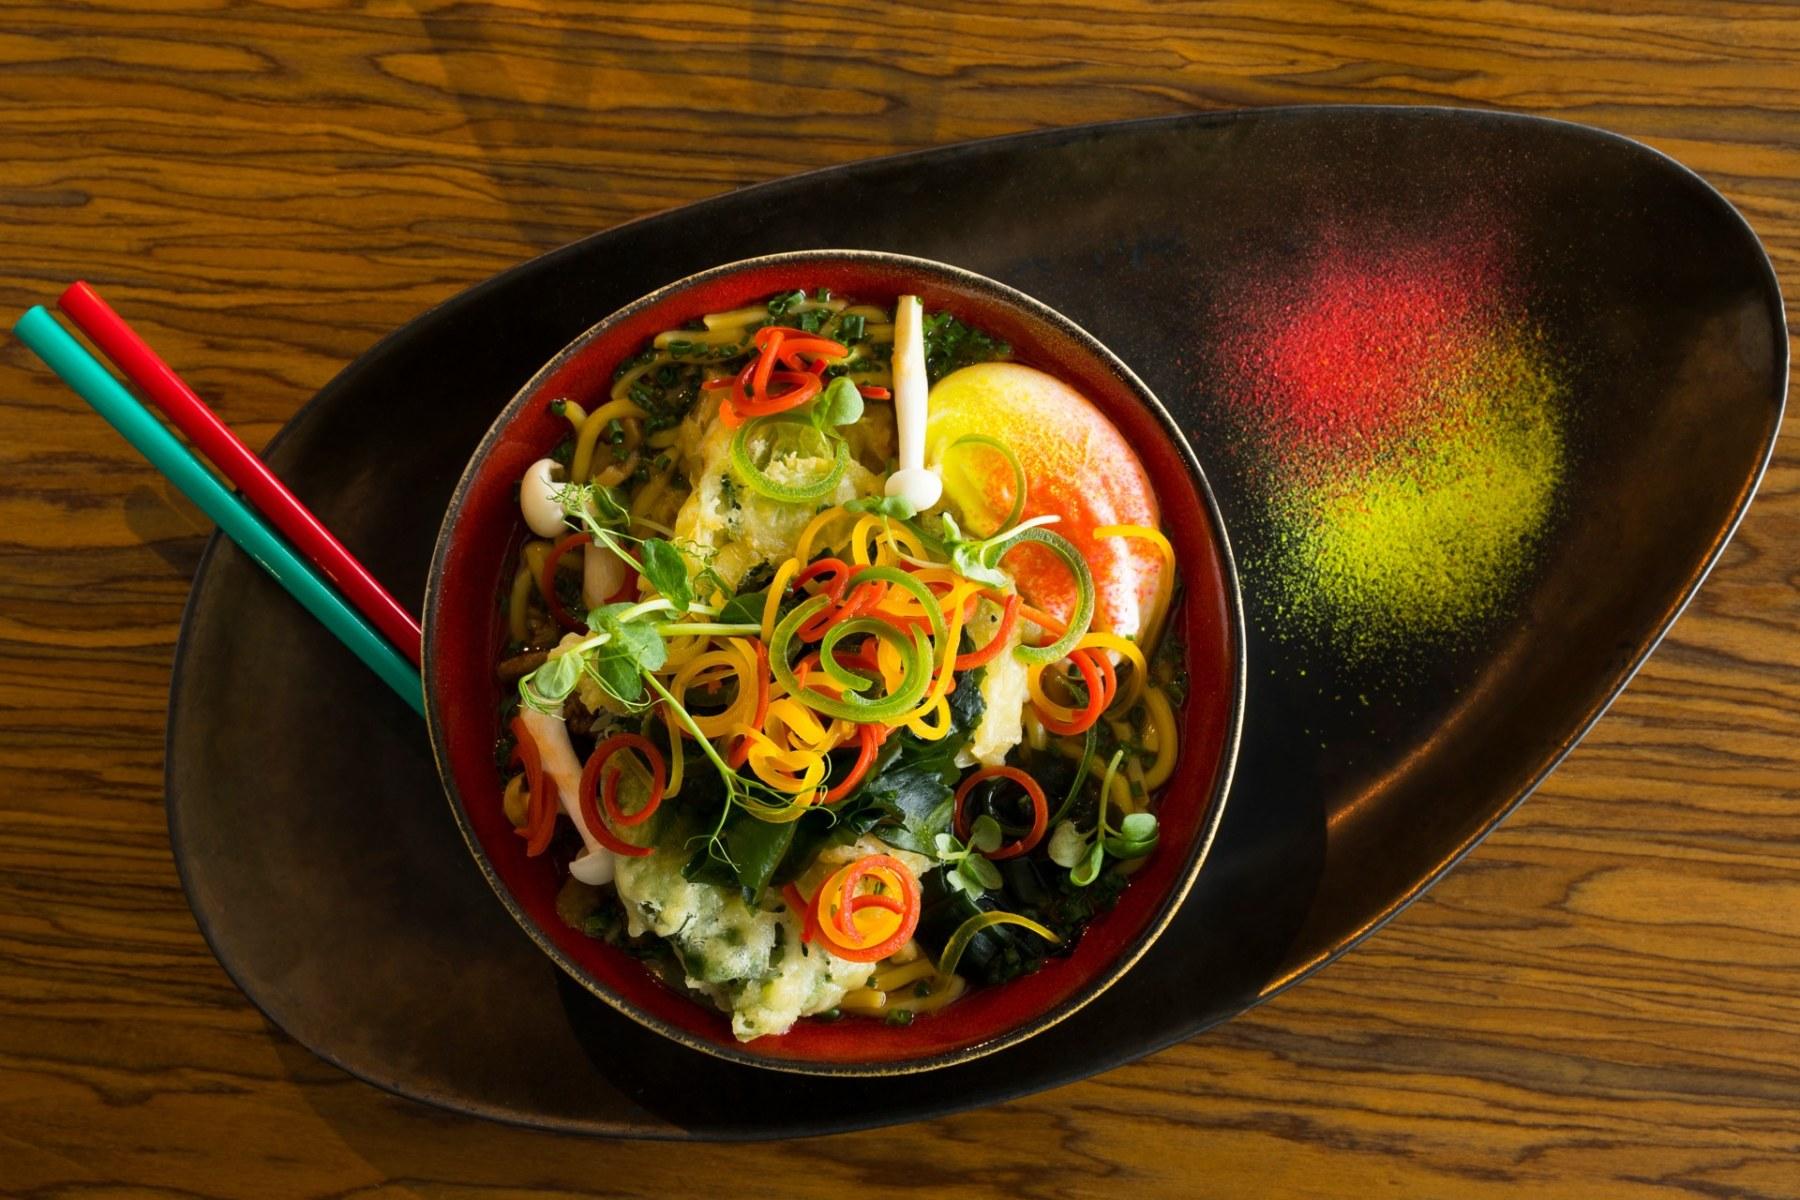 Strona Główna Restauracja Catering Imprezy żółty Słoń